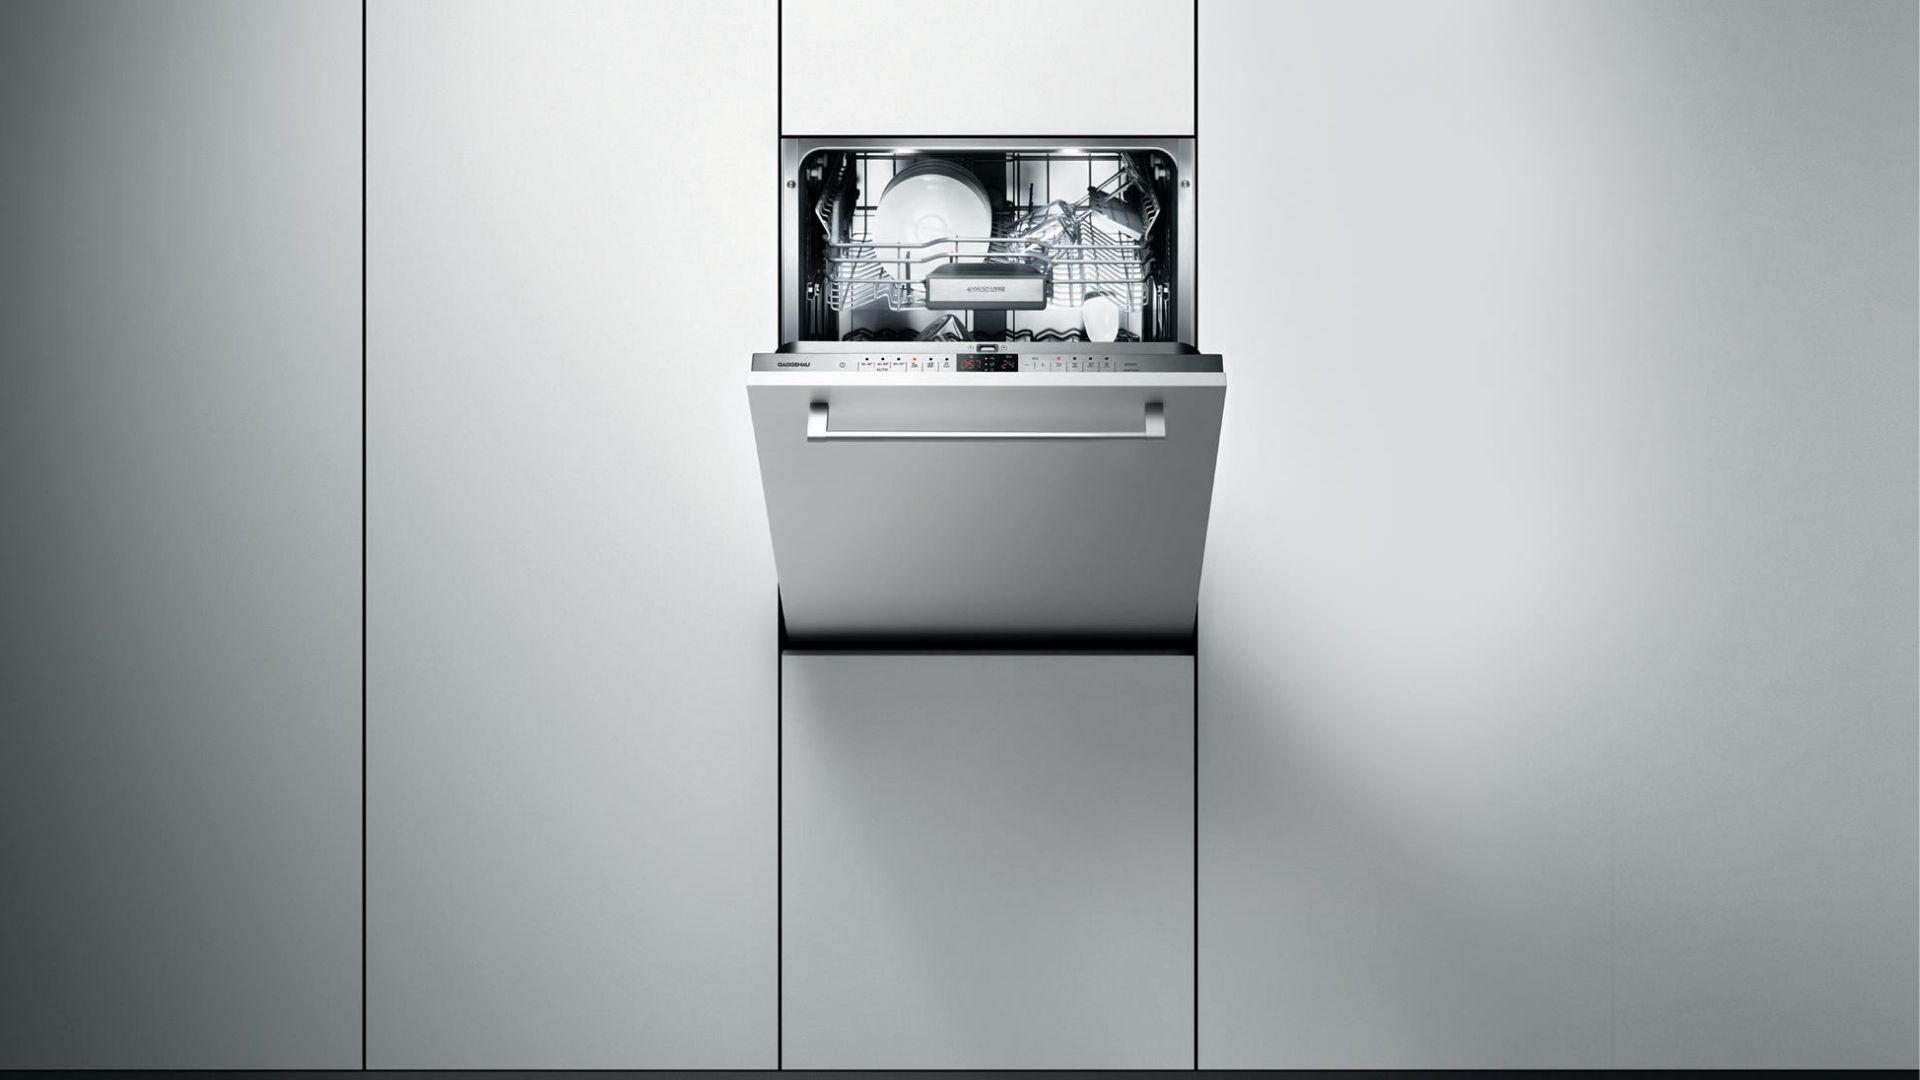 How much does a Gaggenau dishwasher cost?